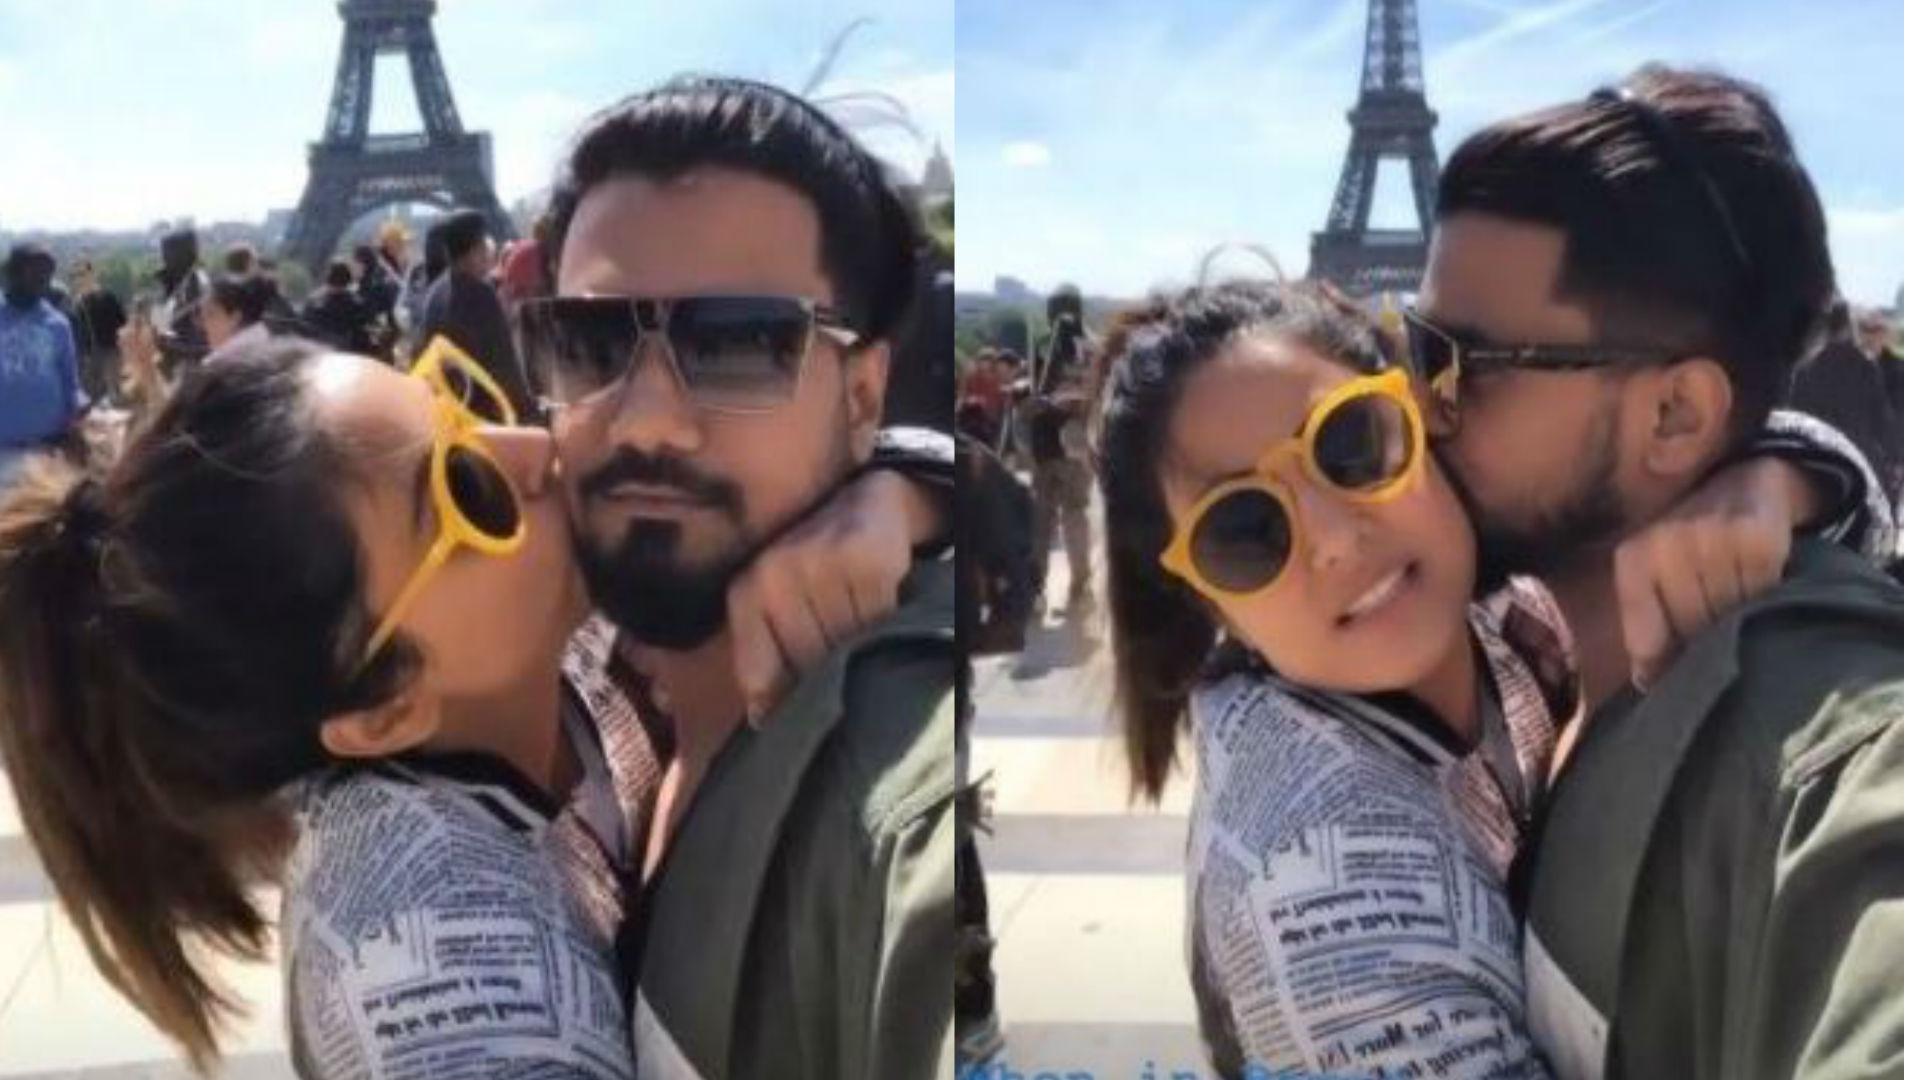 Cannes Film Festival 2019: हिना खान ने बिताए ब्वॉयफ्रेंड रॉकी जायसवाल संग रोमांटिक पल, किस करती आईं नजर